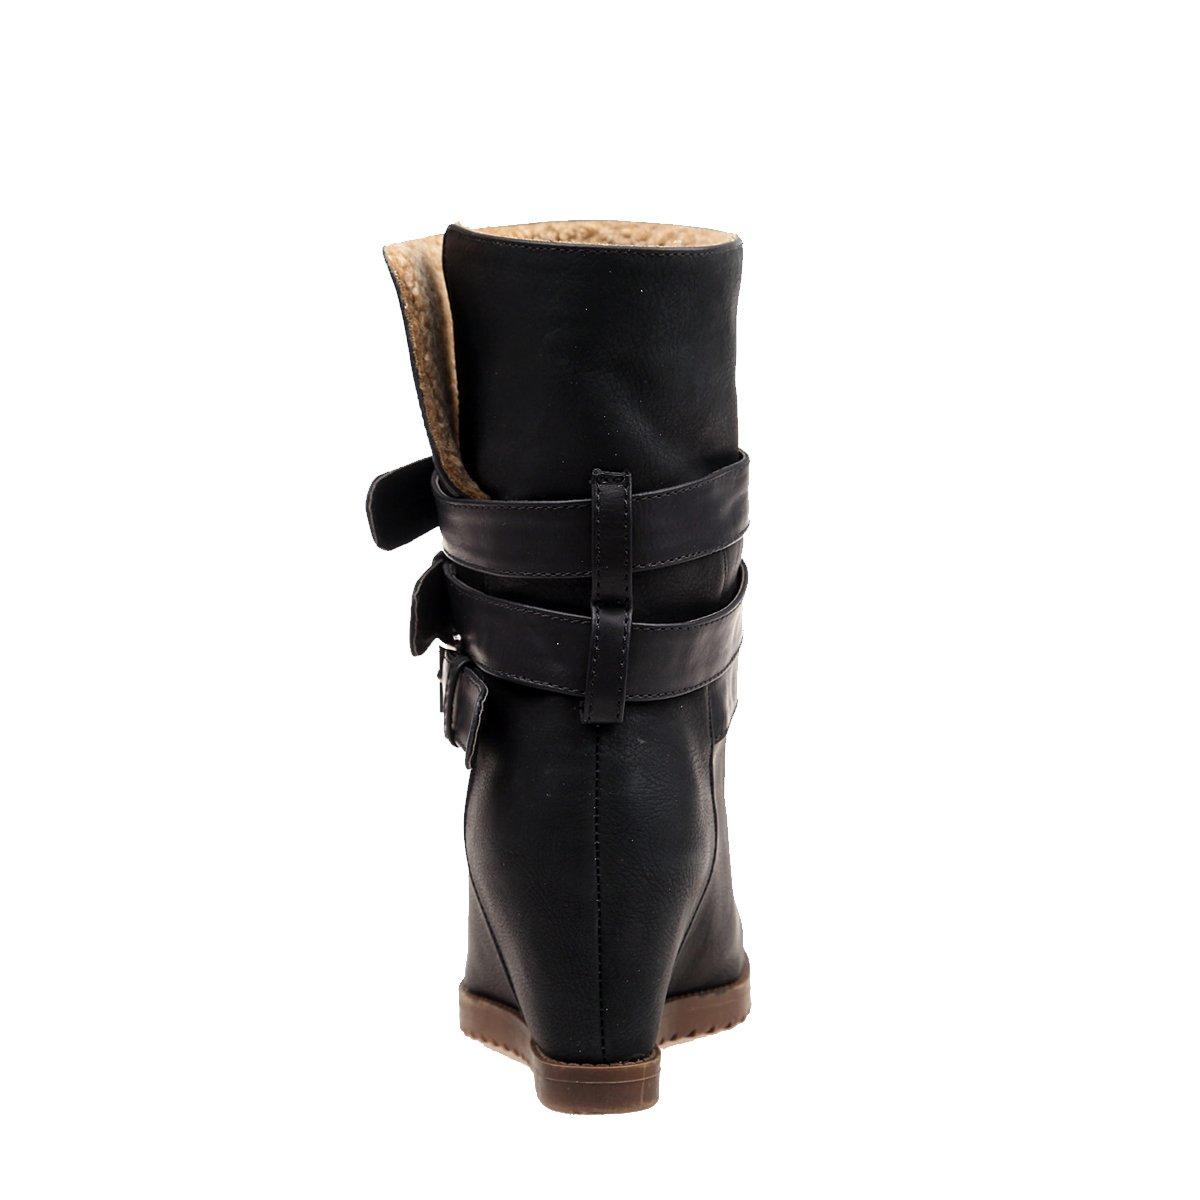 Alexis Leroy - Botines con Tres Hebillas para Mujer: Amazon.es: Zapatos y complementos